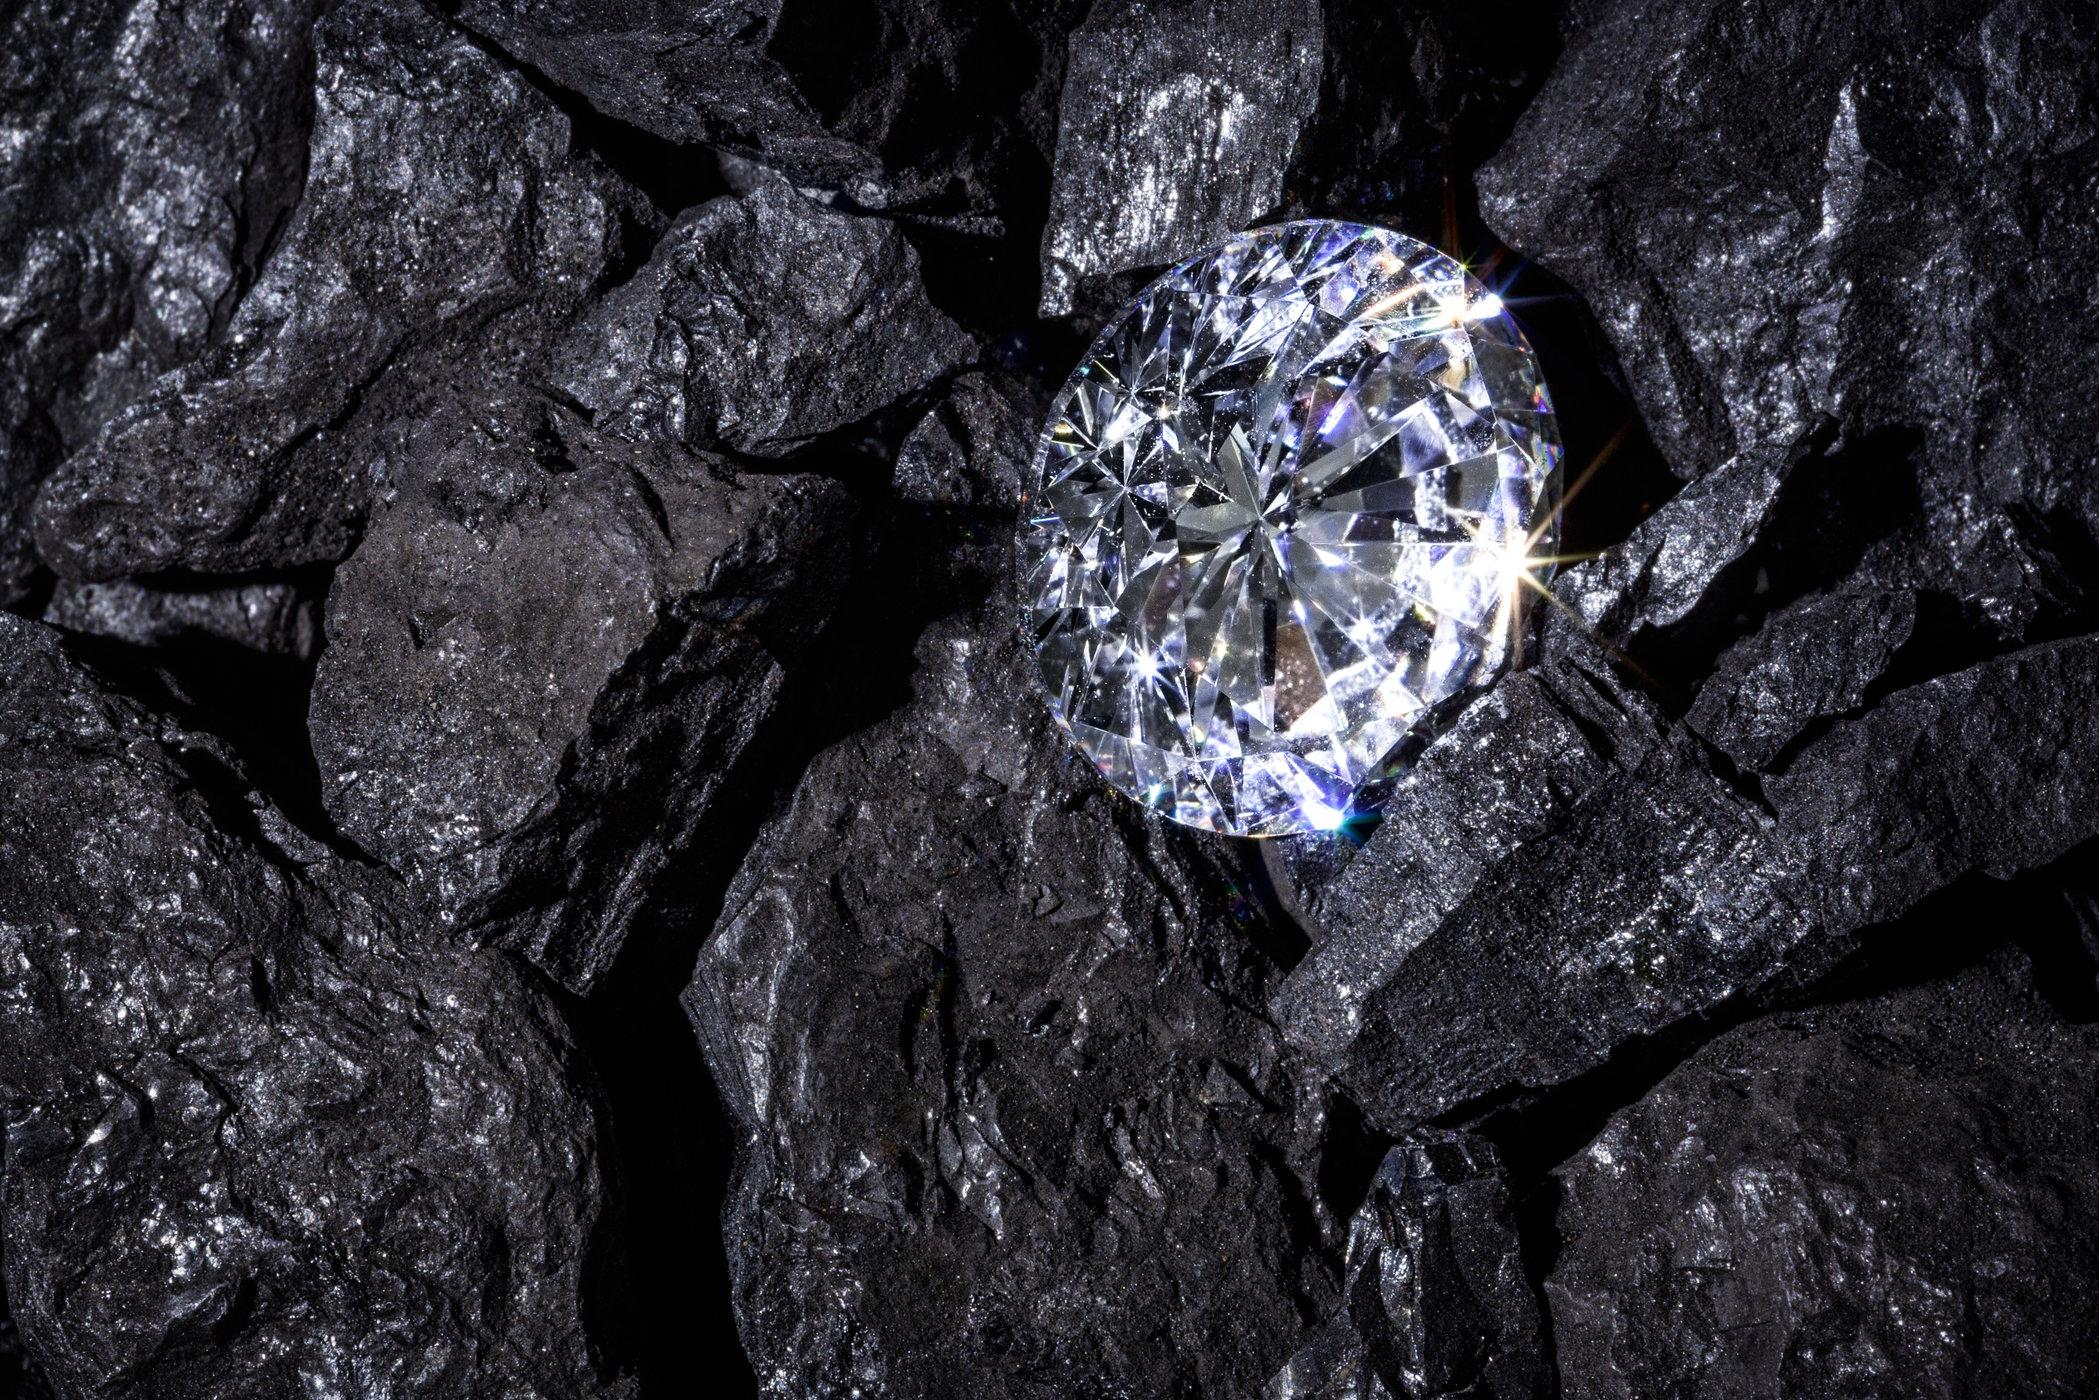 땅 속 240㎞ 아래 다이아몬드 10